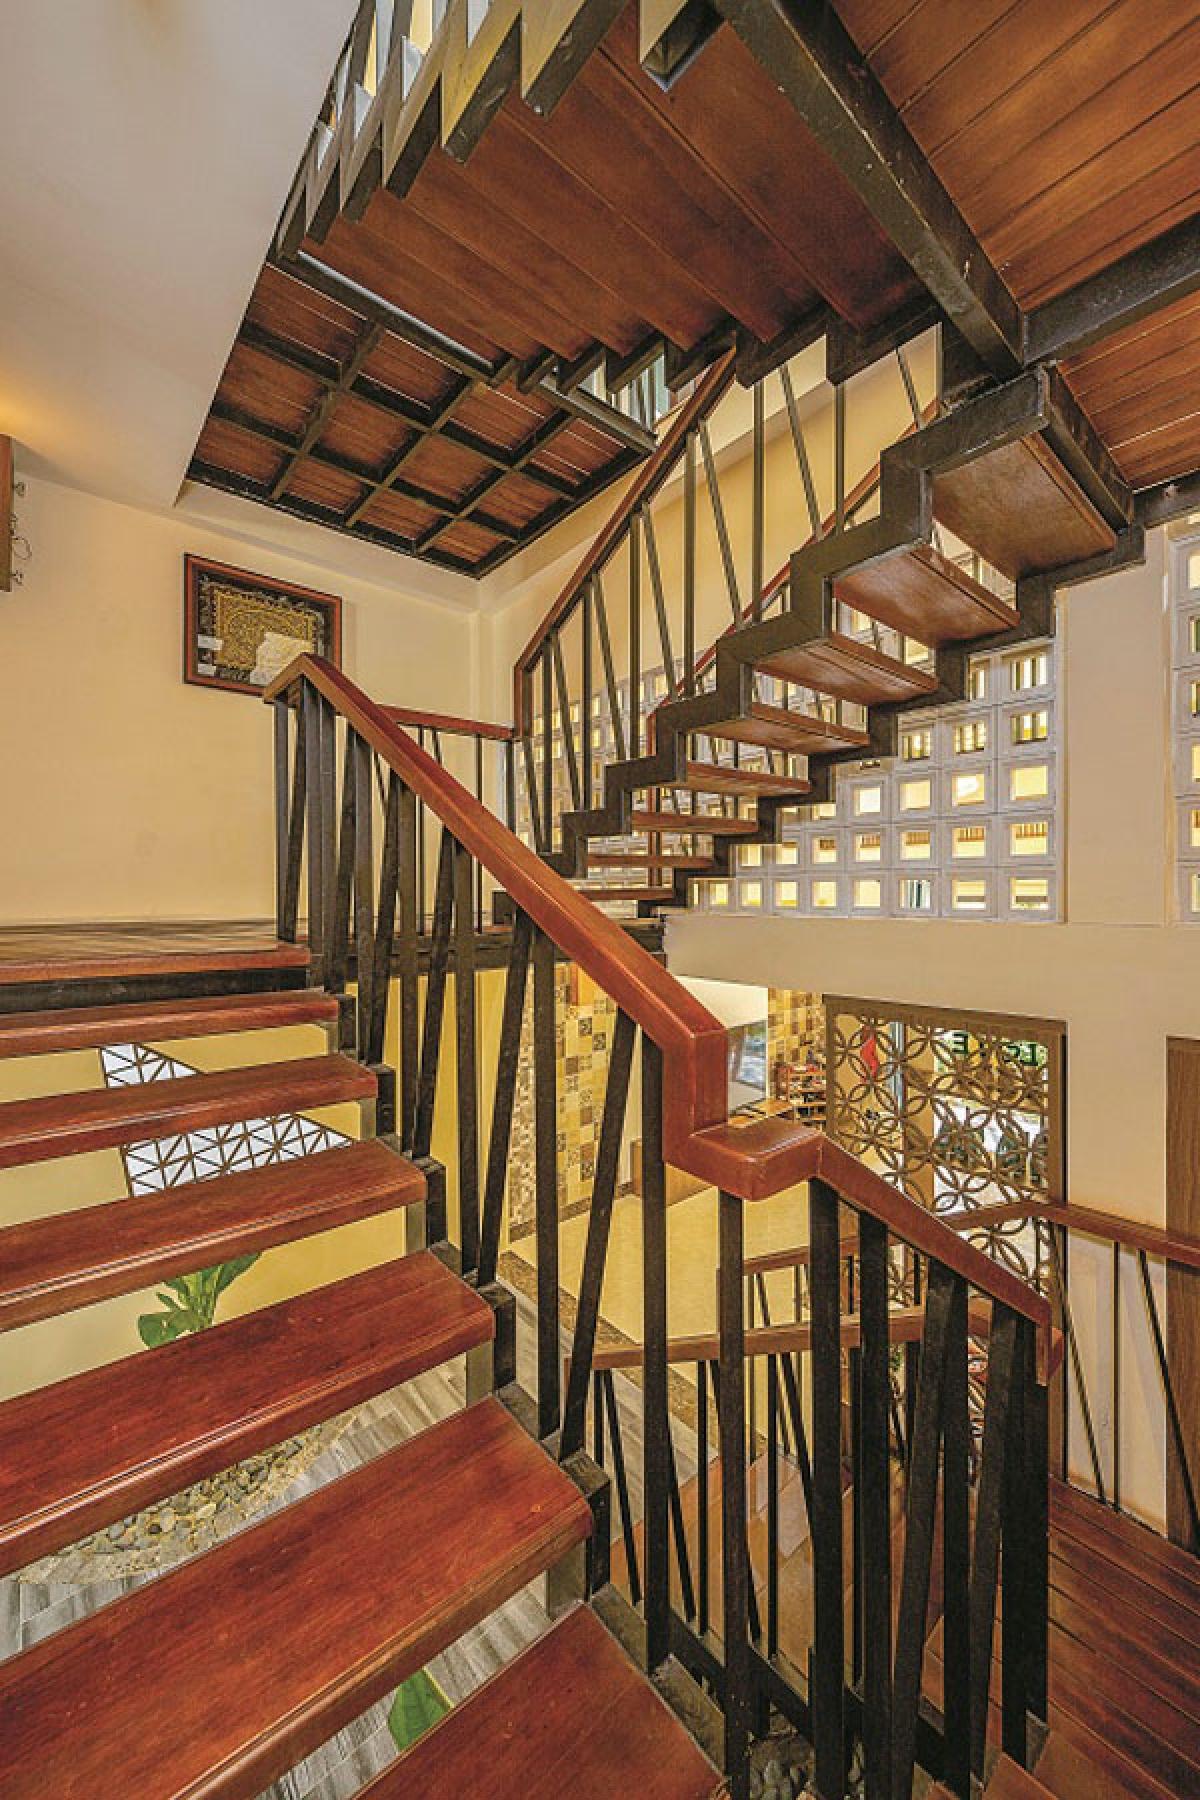 Cầu thang bê tông cũ được thay bằng cầu thang thép gỗ cho cảm giác thoáng rộng trong thị giác và thuận tiện thông gió. Chất liệu gỗ cho cảm giác gần gũi, ấm áp.